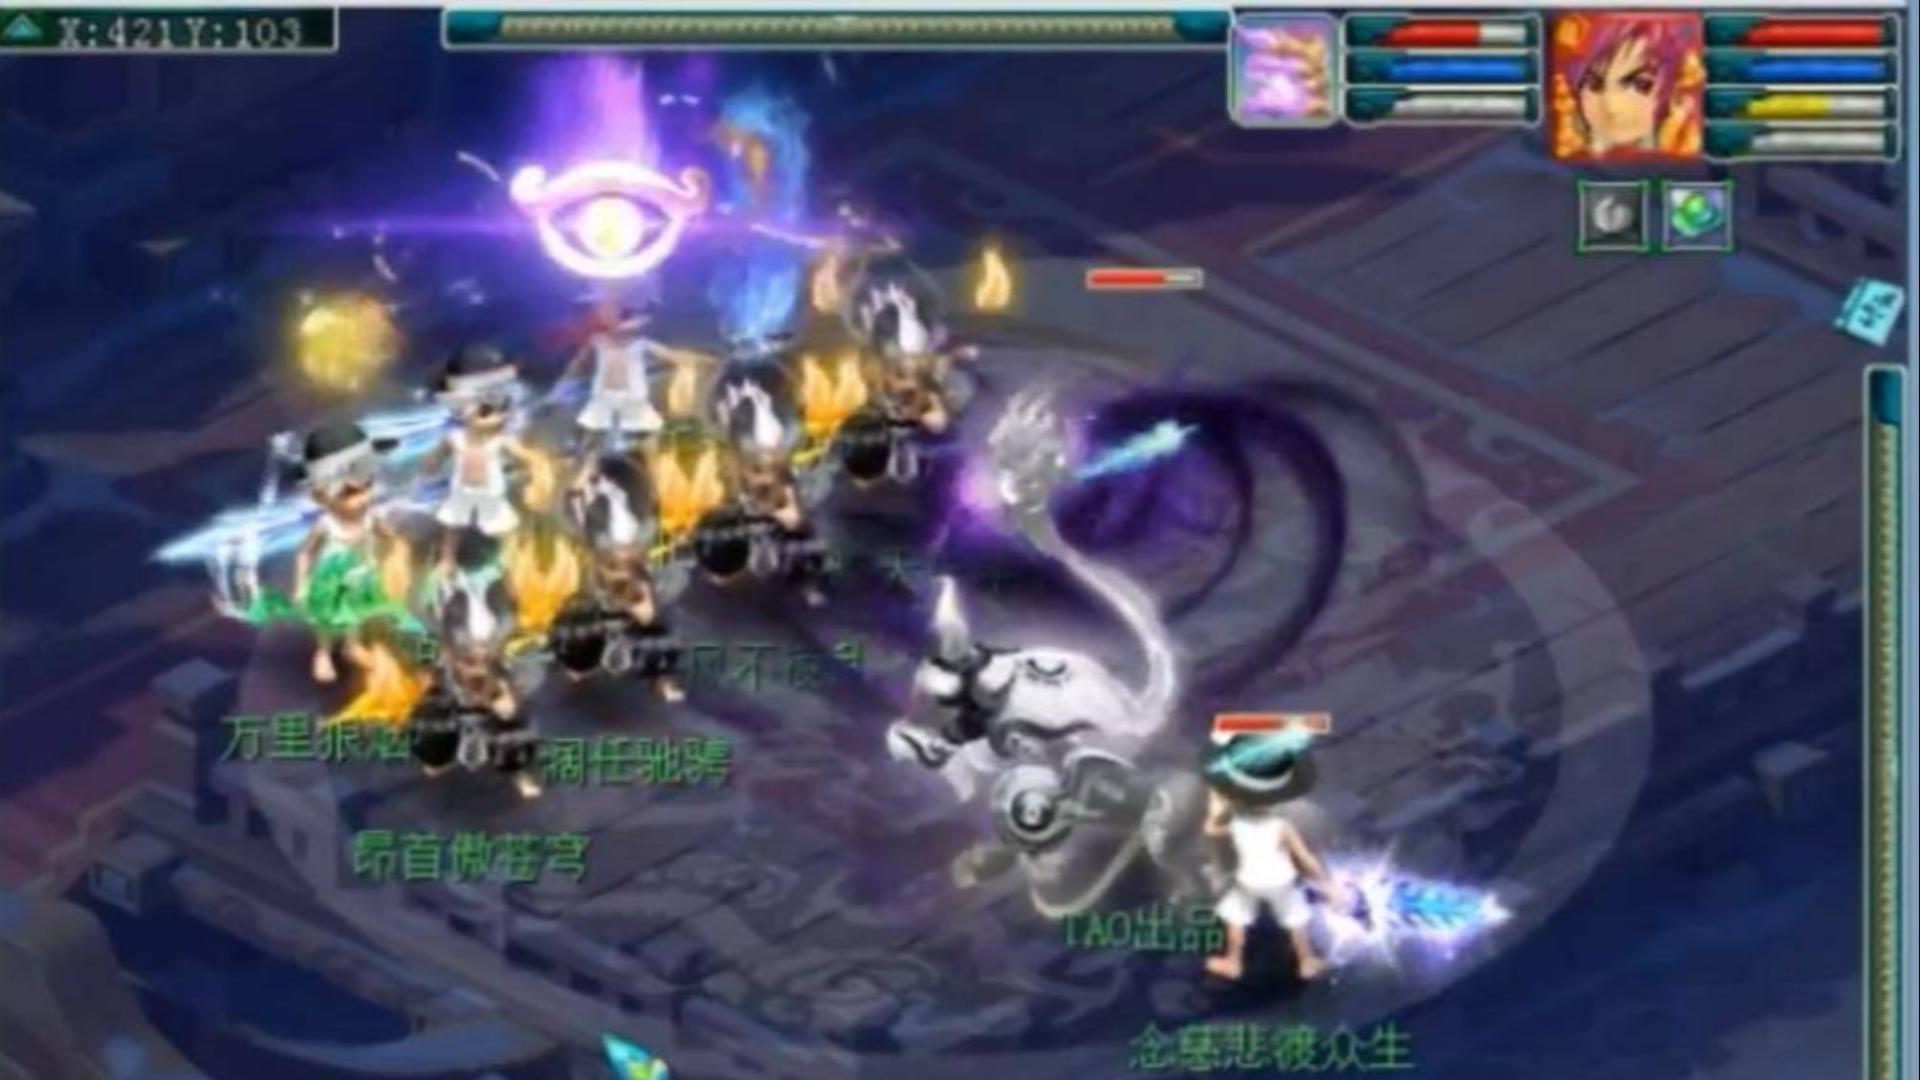 梦幻西游:全服第一只8技能须弥谛听诞生,一回合能直接秒杀175级